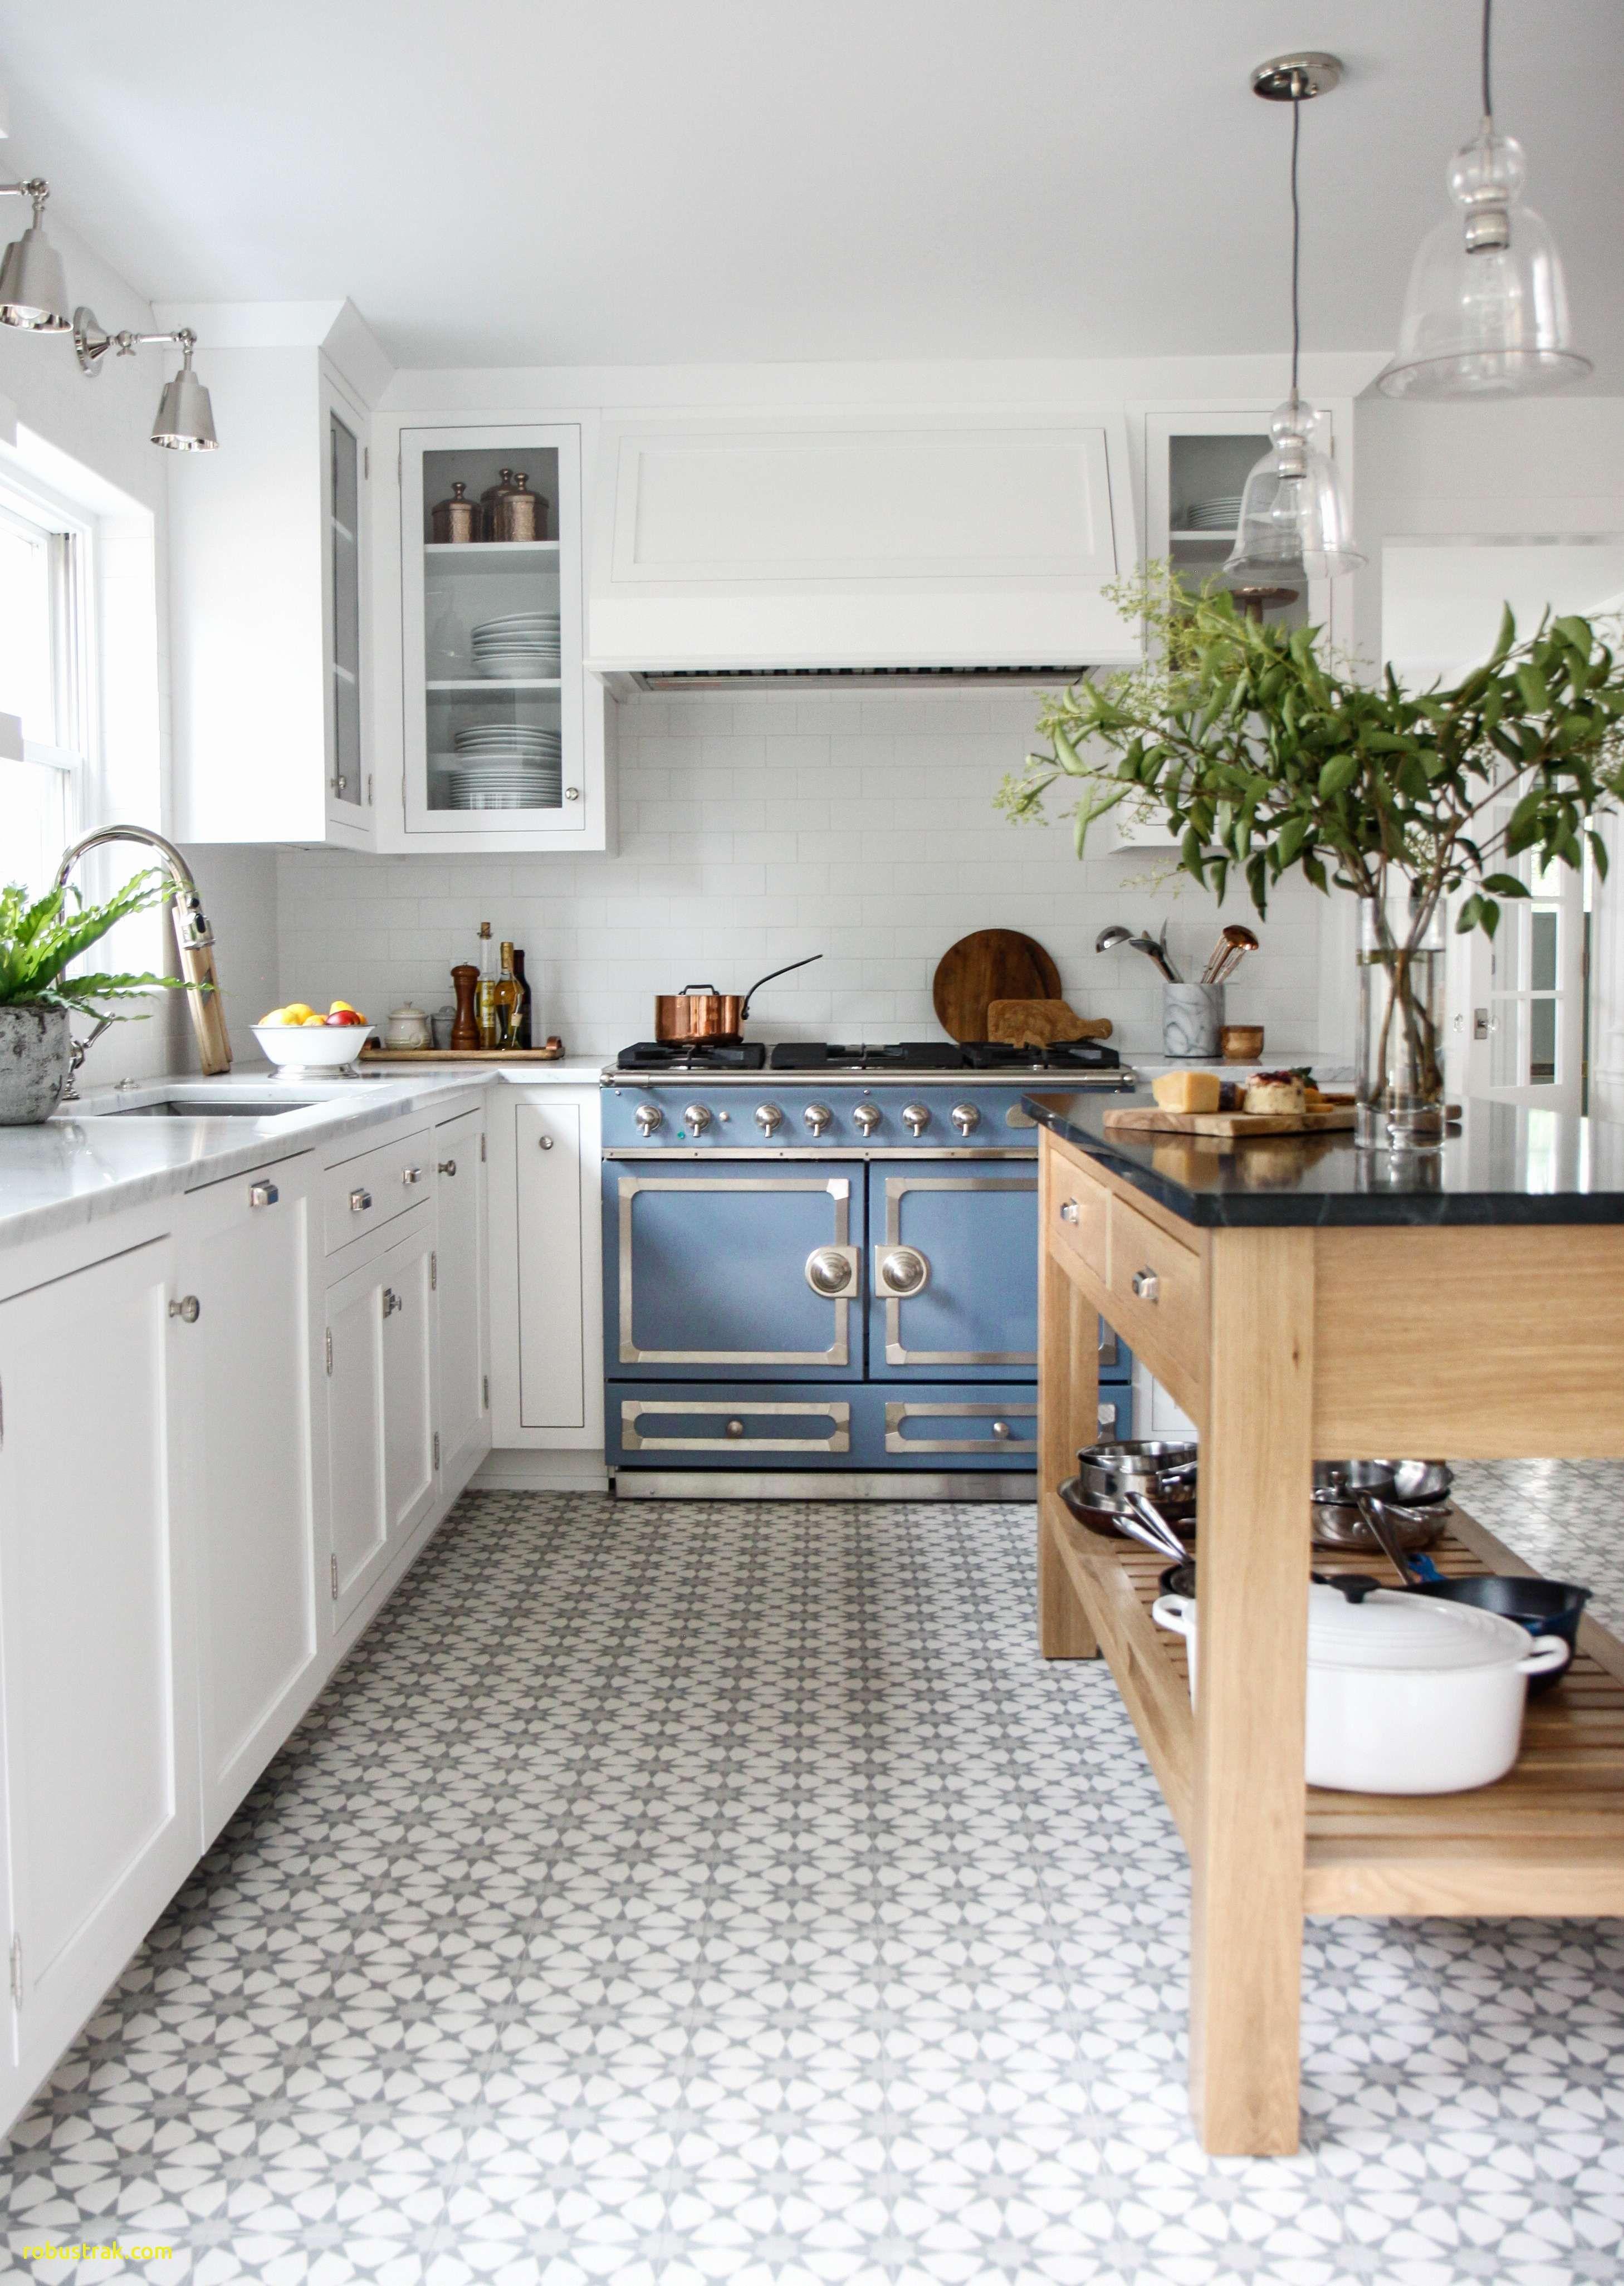 9 Kitchen Backsplash Ideas Pictures Inspiration   Kitchen design ...